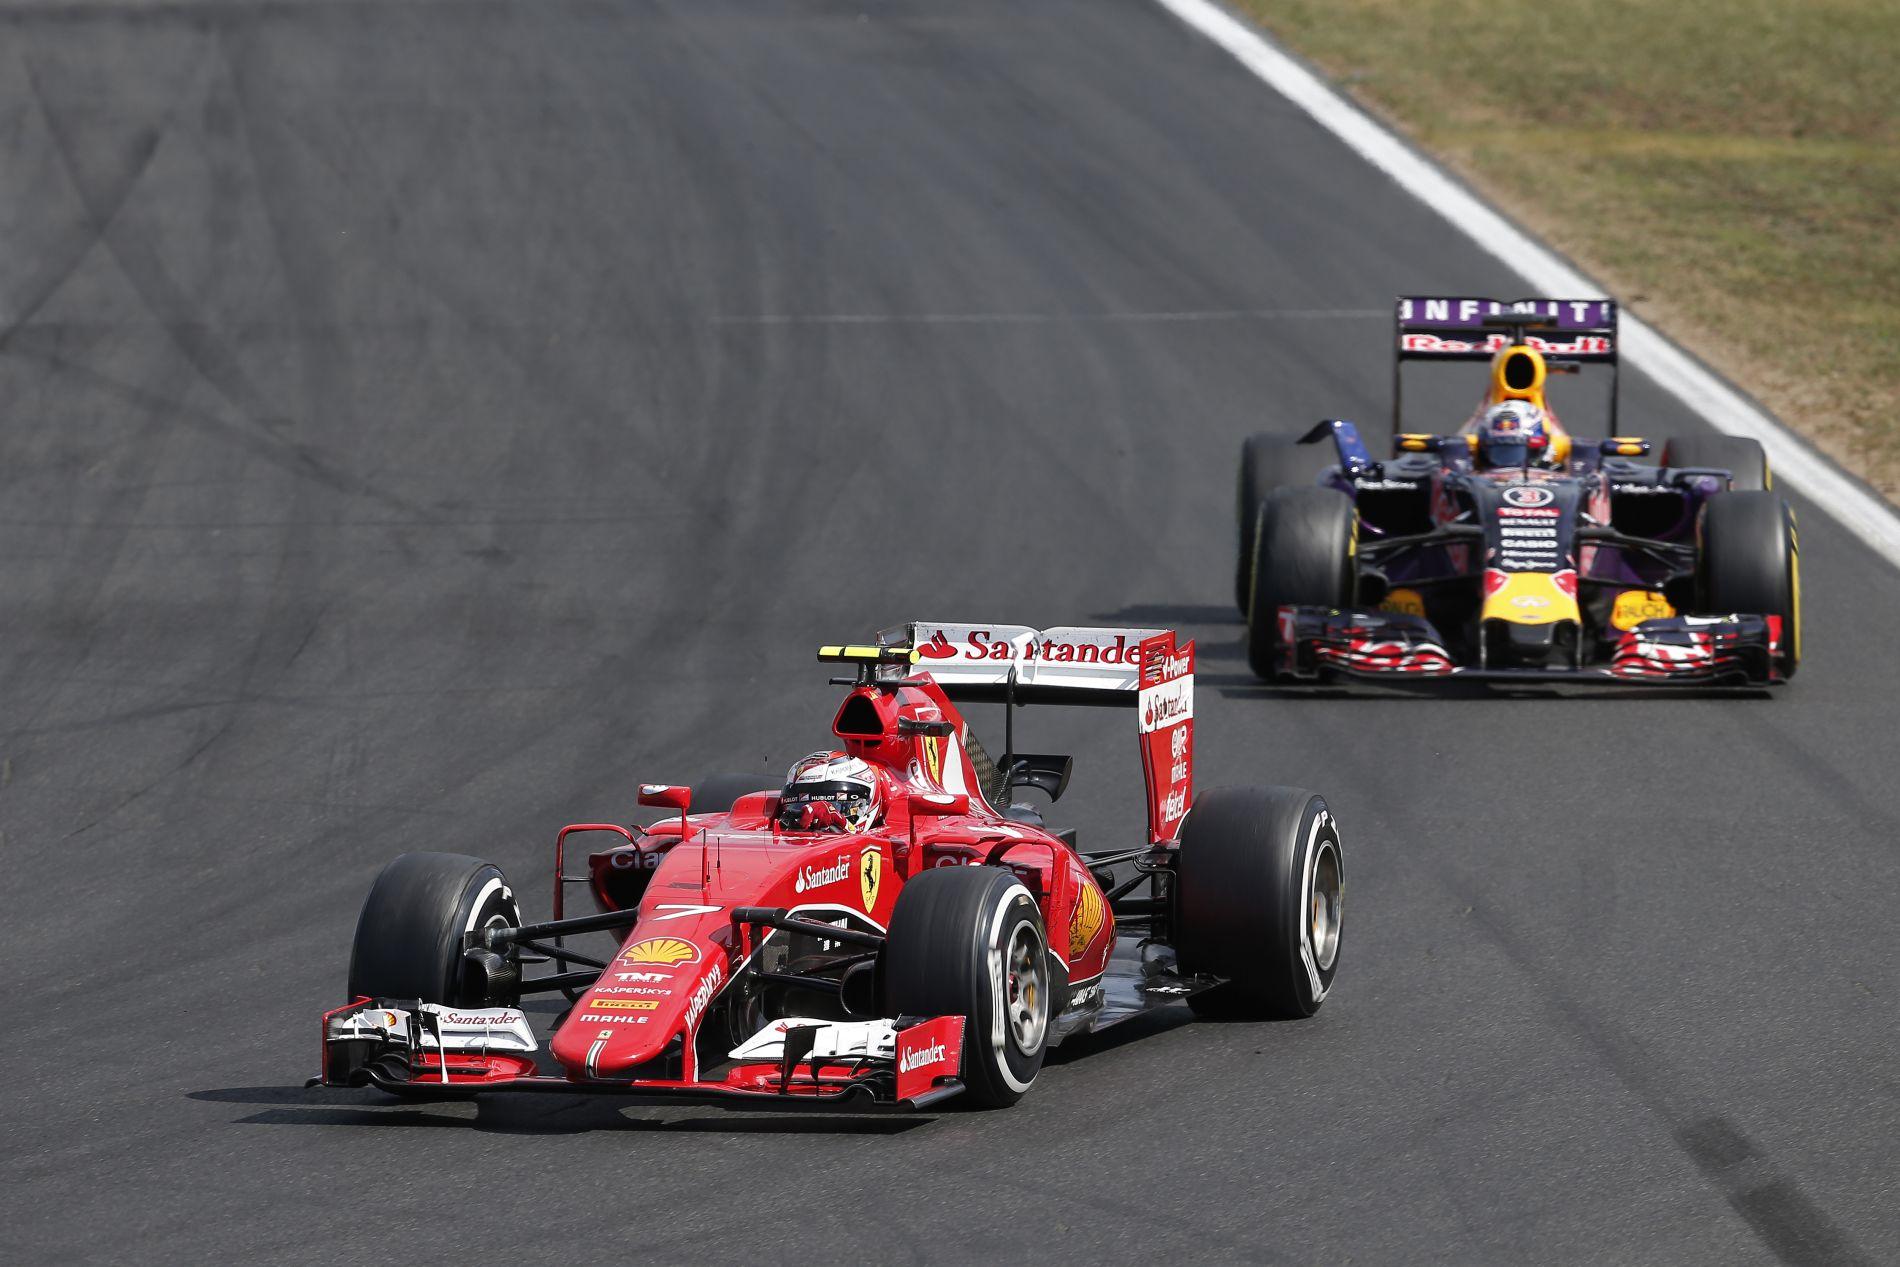 """Ricciardo Szingapúrban levadászná a Ferrari """"nem túl karcsú hátsóját"""""""